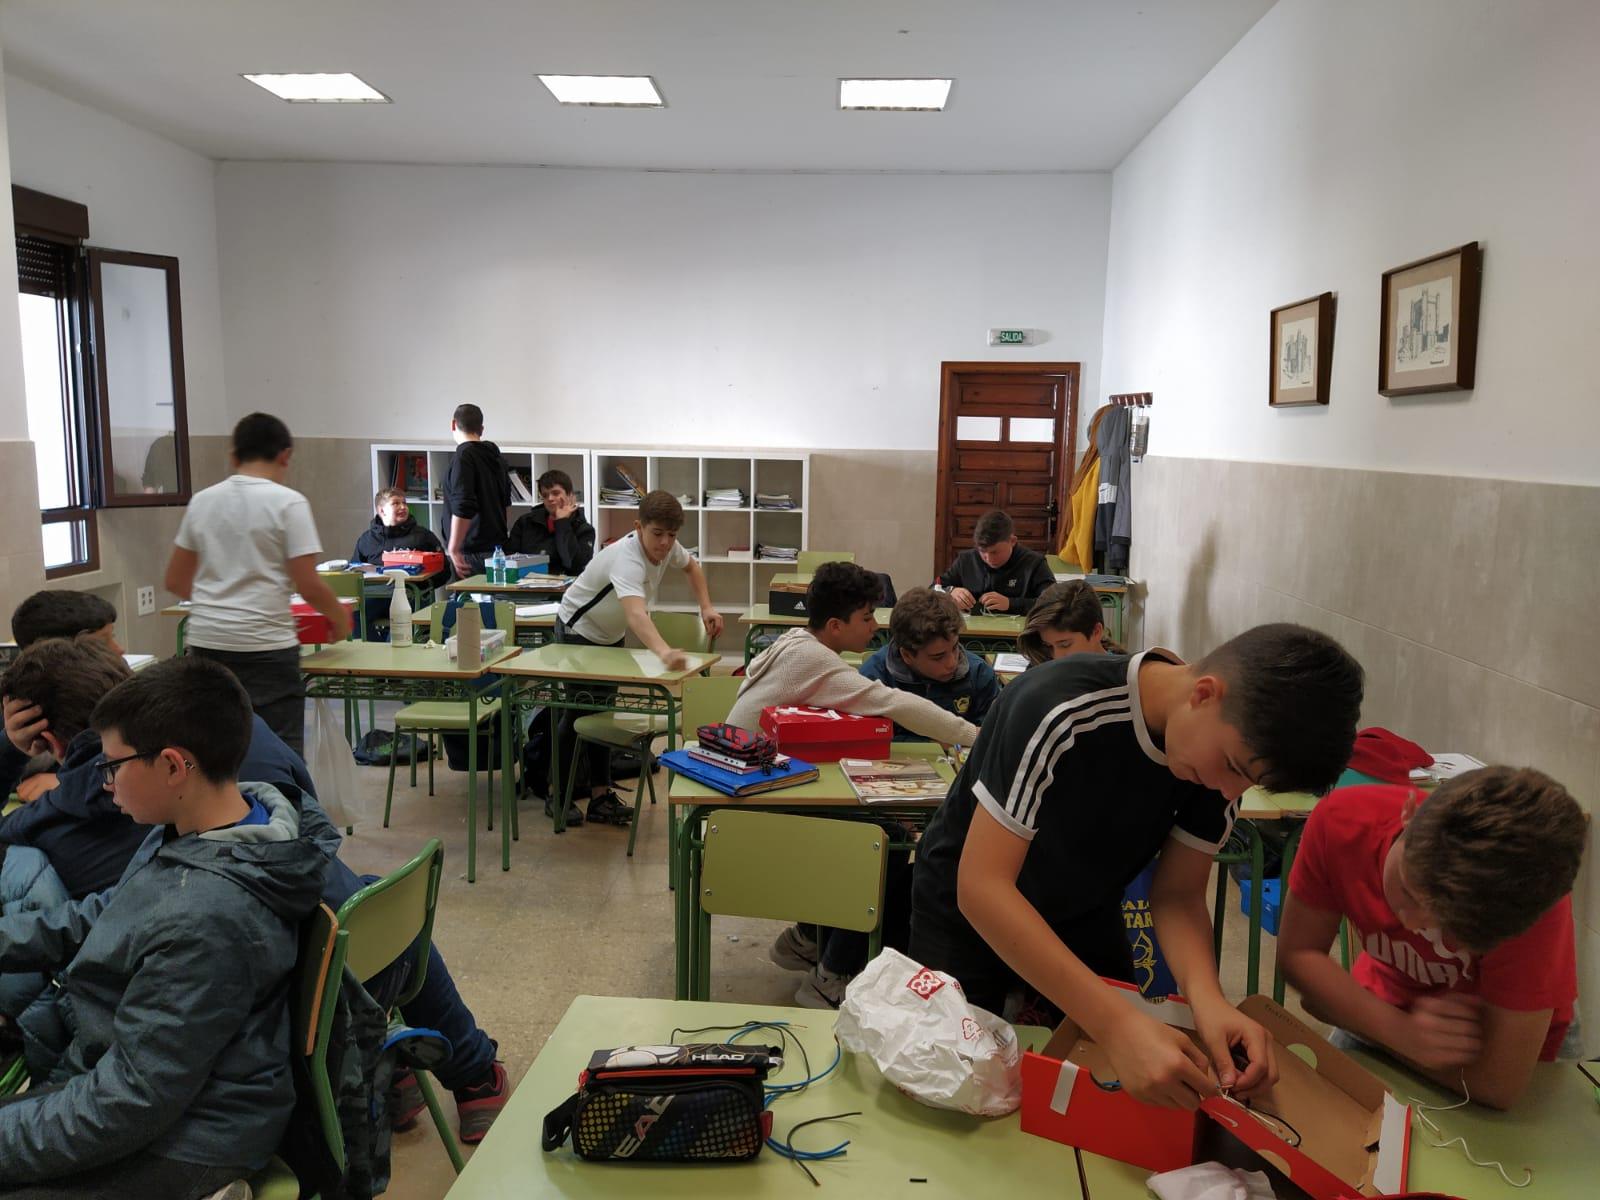 Los alumnos de 1º de ESO aprenden a construir circuitos eléctricos, de la mano de su profesora Dña. Carolina Ordoño